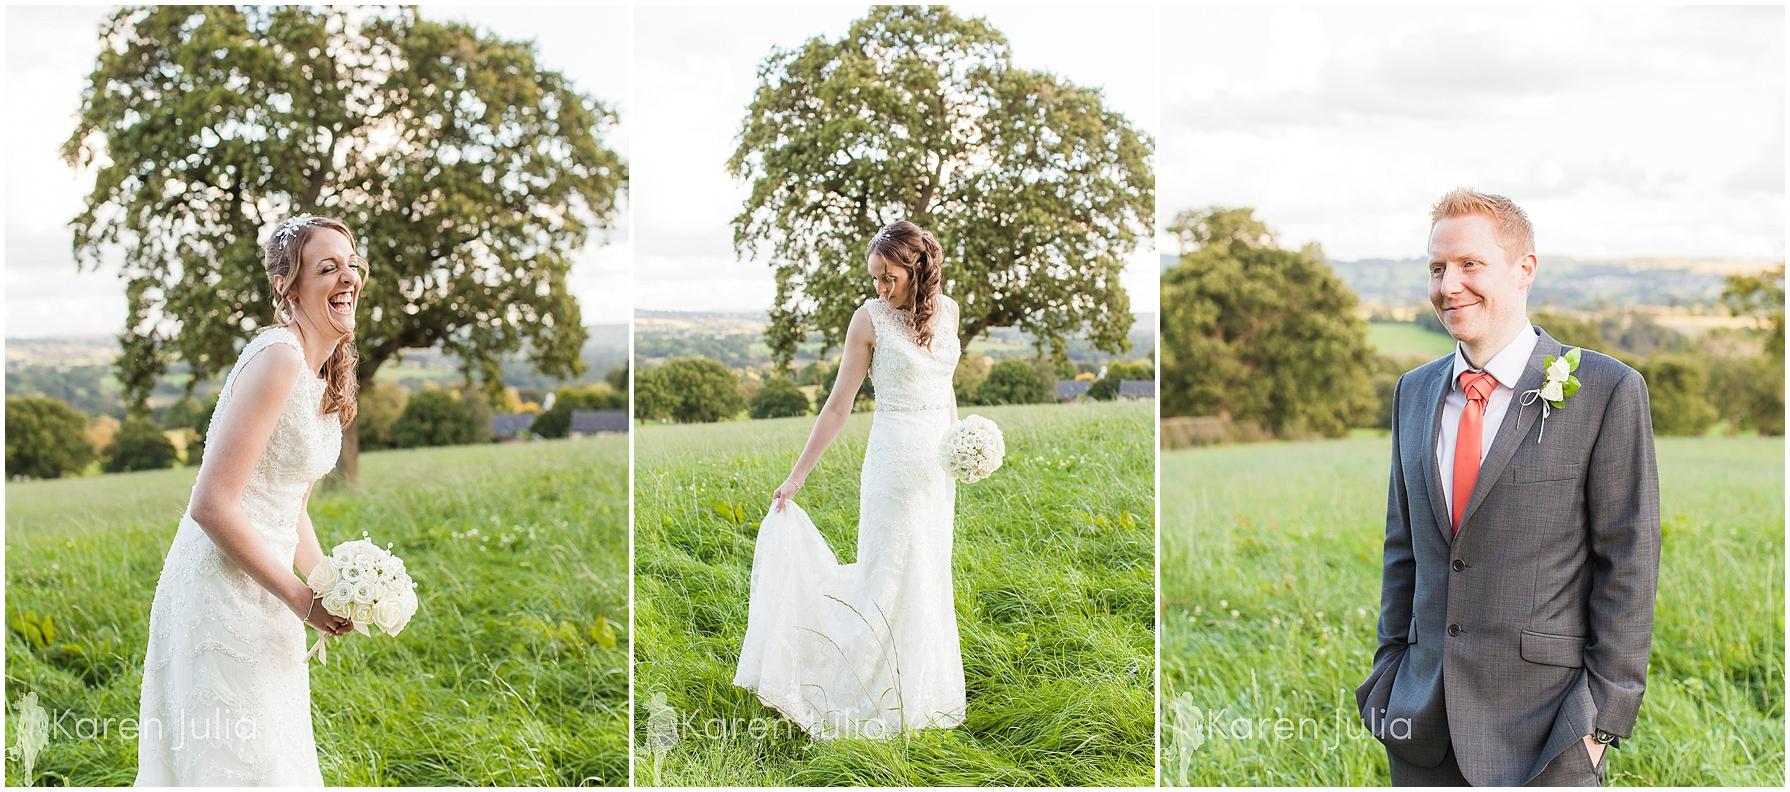 Shireburn Arms Wedding Photography